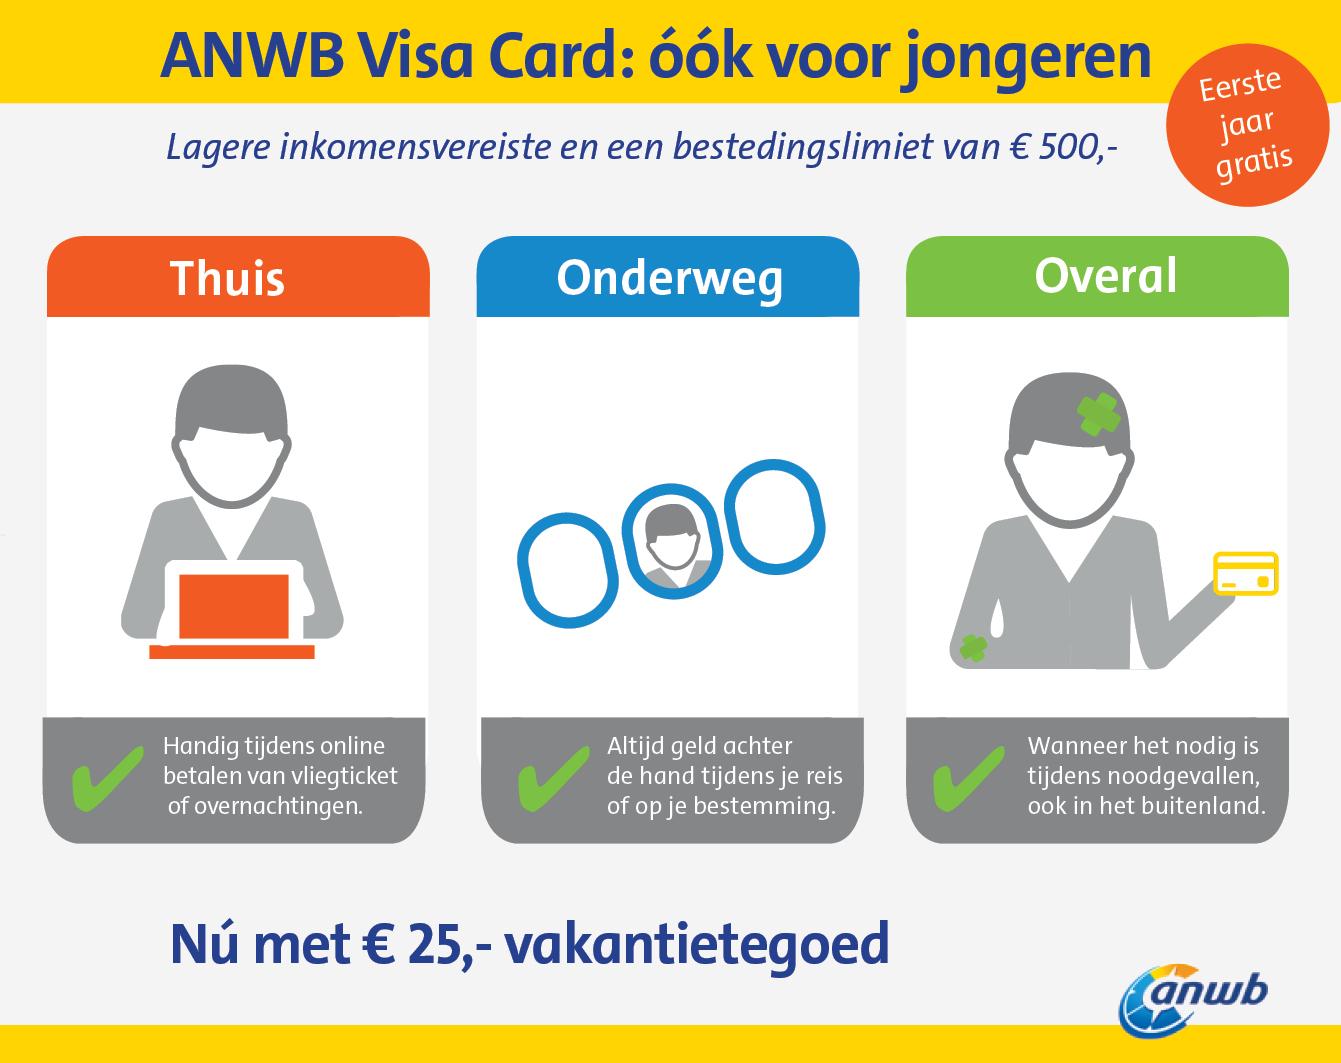 ANWB Visa card voor jongeren infographic